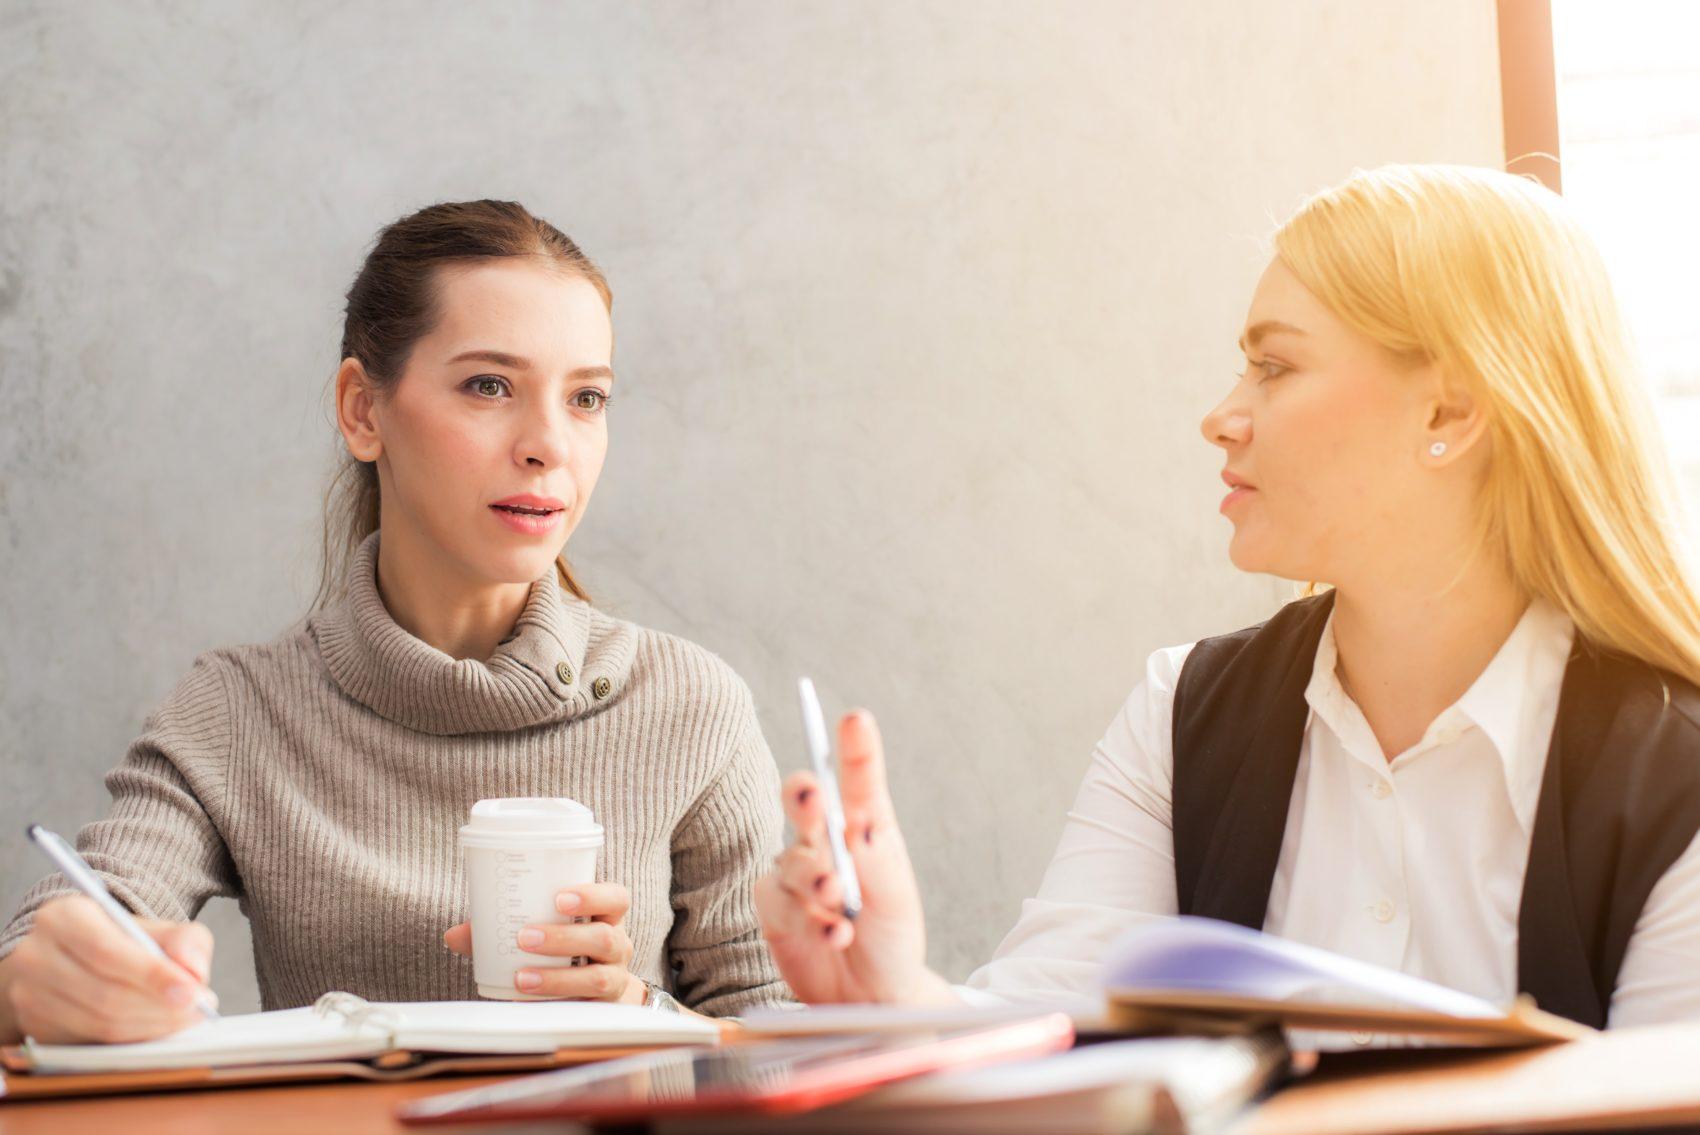 会話には話し手の人柄がしっかり表れる! テクニックは二の次、三の次に